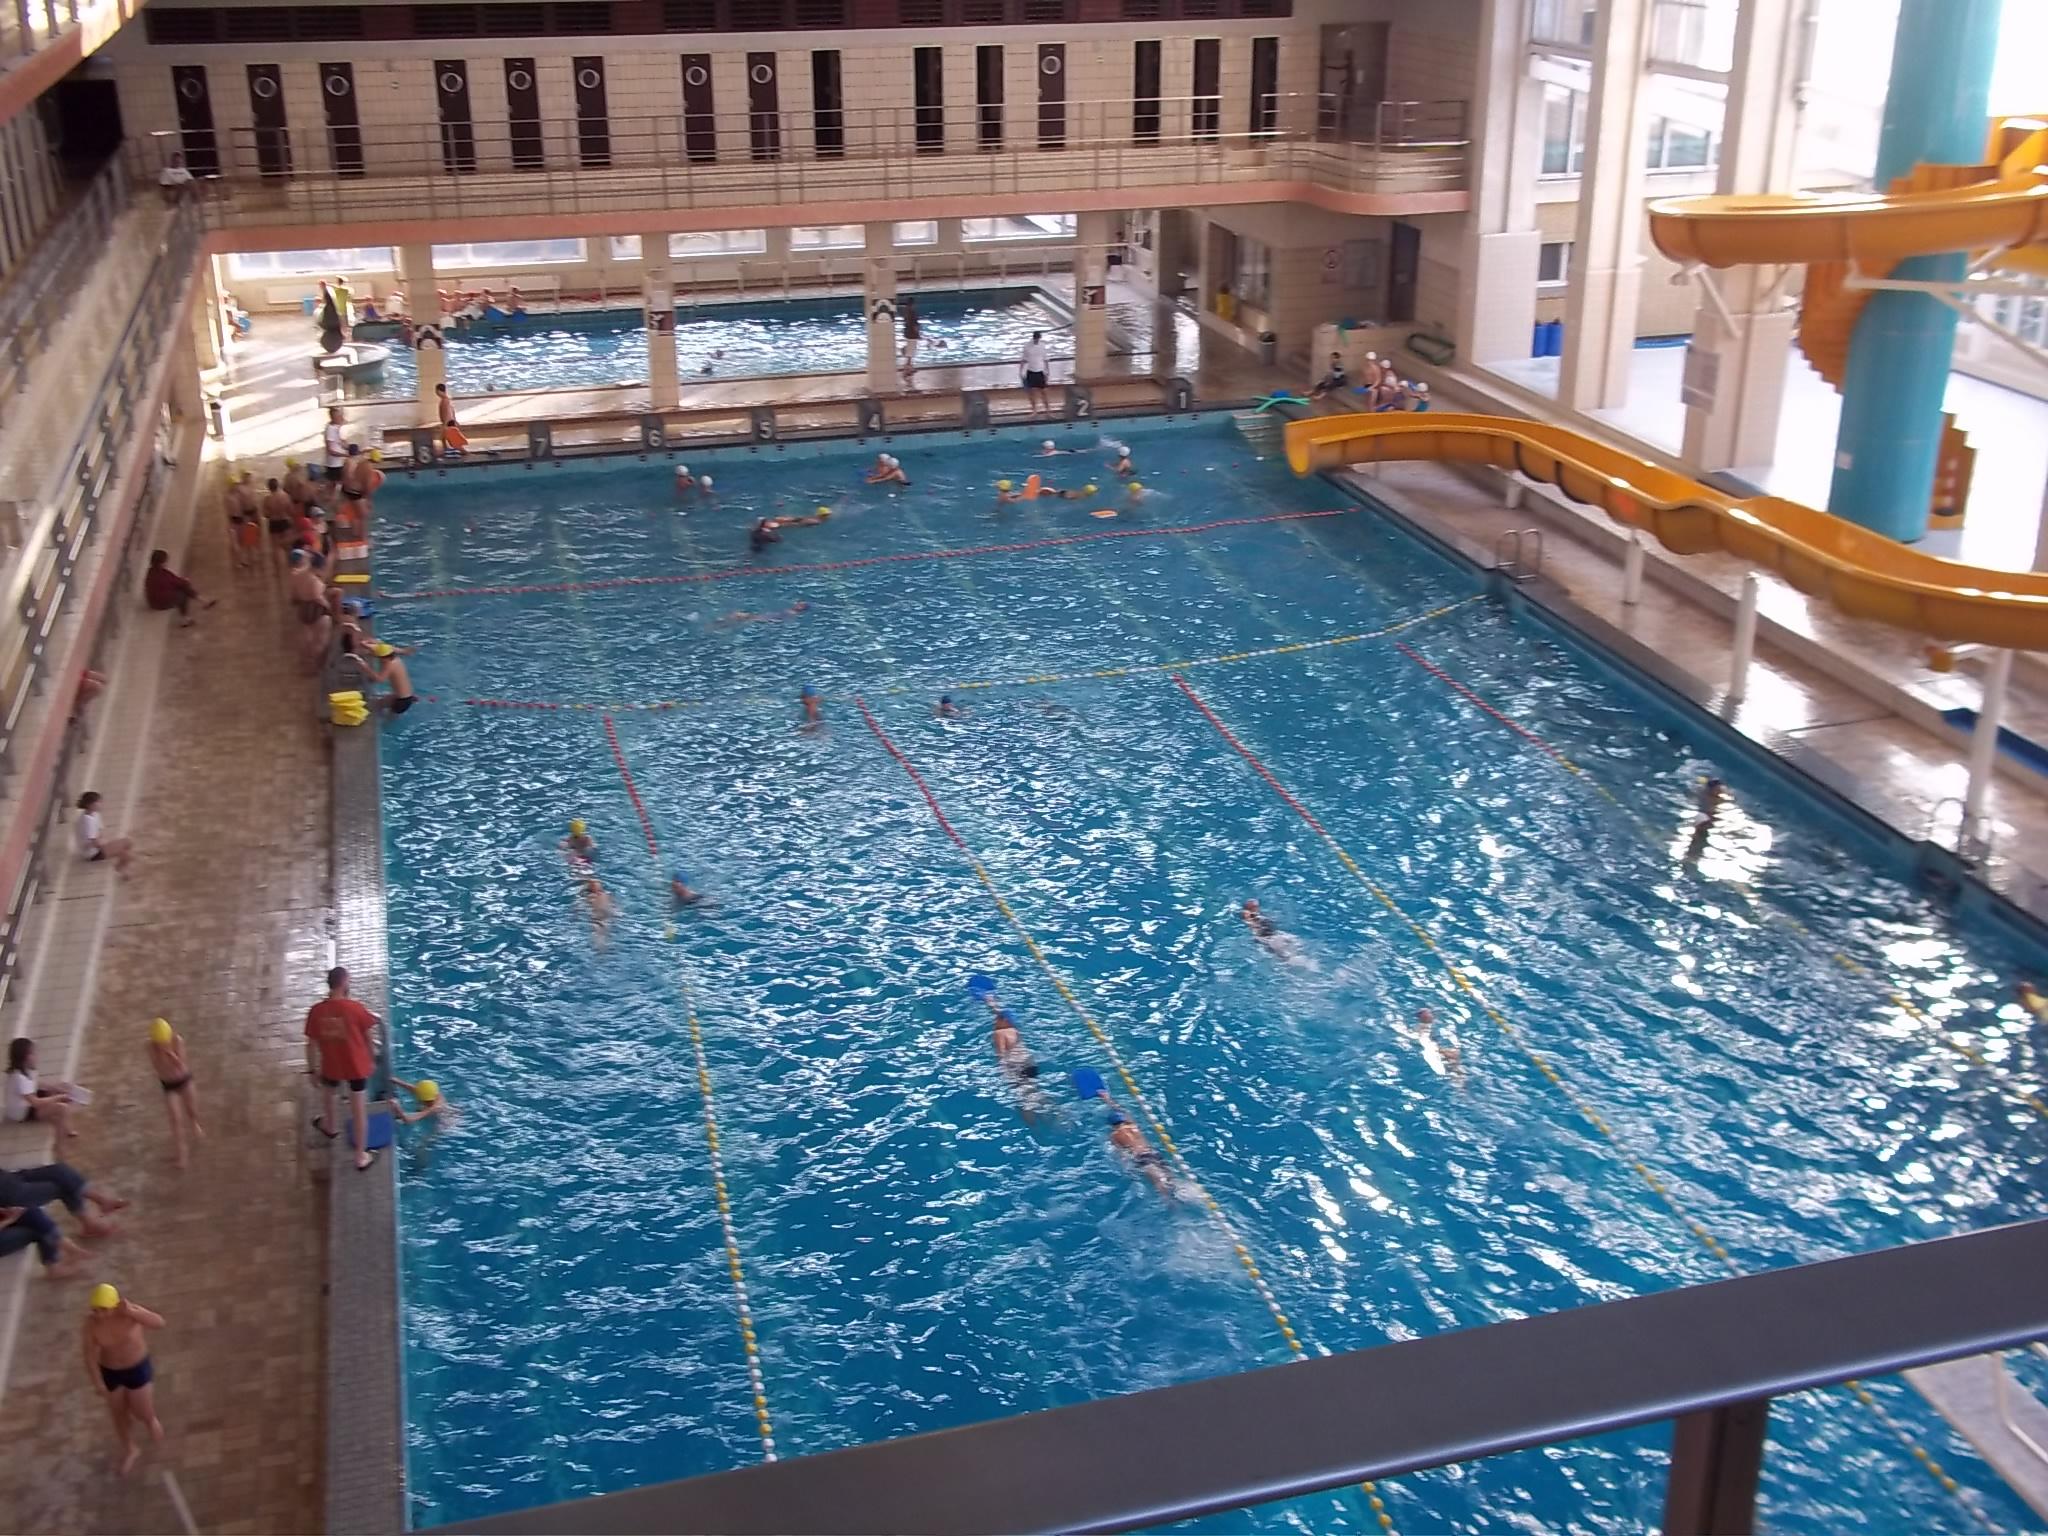 Des pav s l eau et de l cole la piscine renovas for Piscine 42 exam